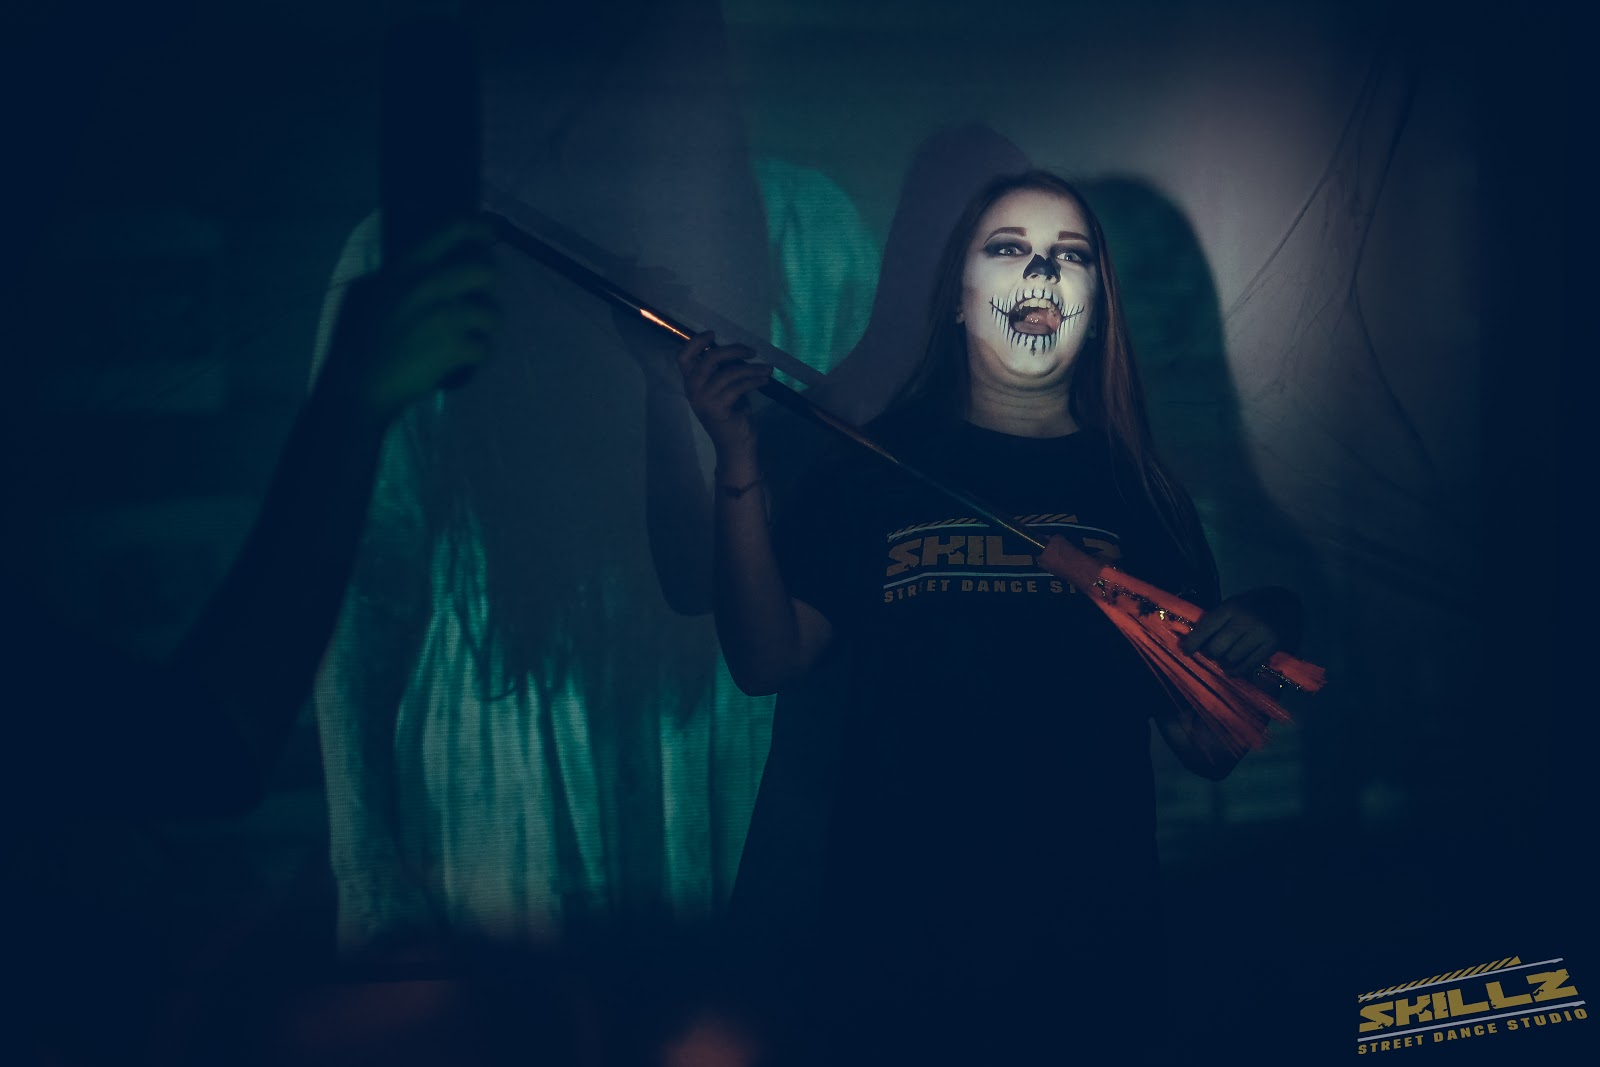 Naujikų krikštynos @SKILLZ (Halloween tema) - PANA1747.jpg